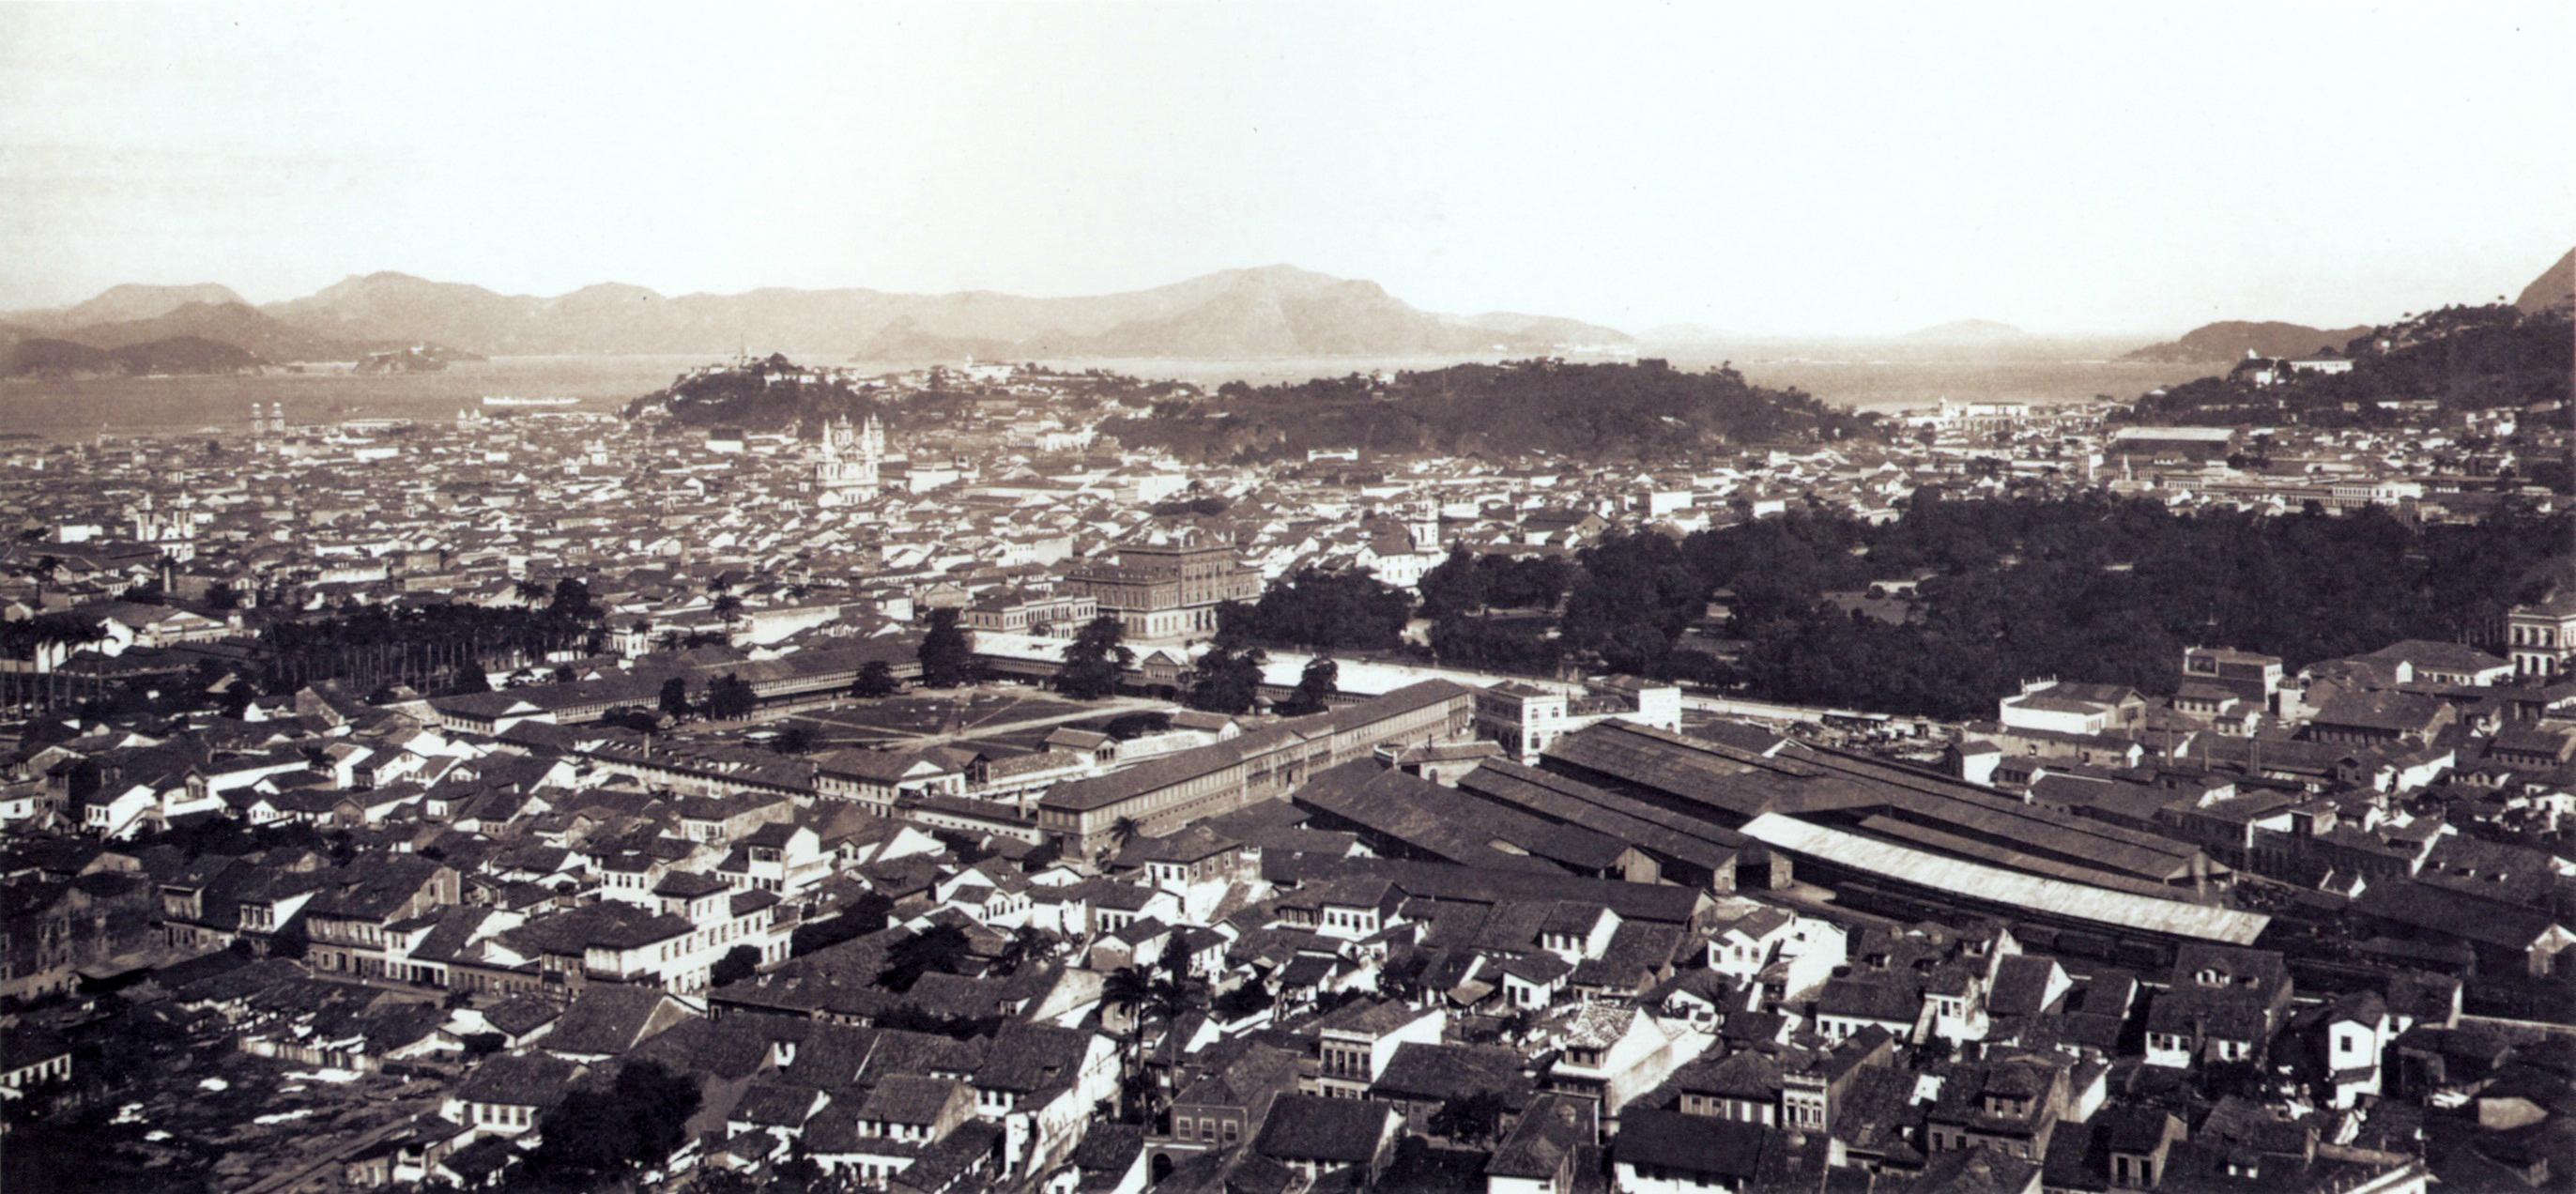 external image Rio_de_janeiro_1889_04.jpg